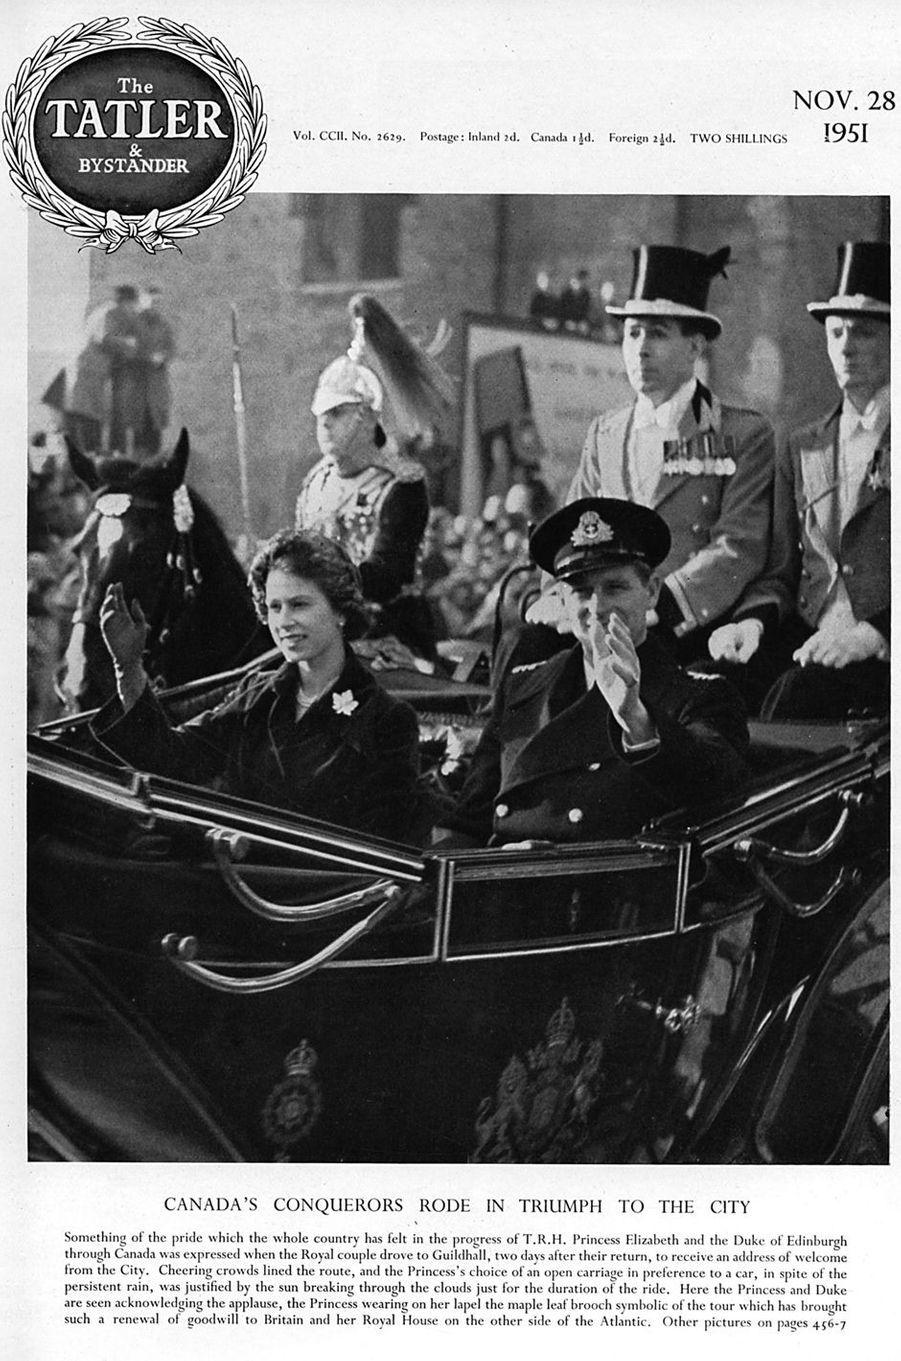 La princesse Elizabeth (future reine Elizabeth II), lors de sa première visite officielle au Canada en 1951, porte la broche feuille d'érable de sa mère la reine consort Elizabeth